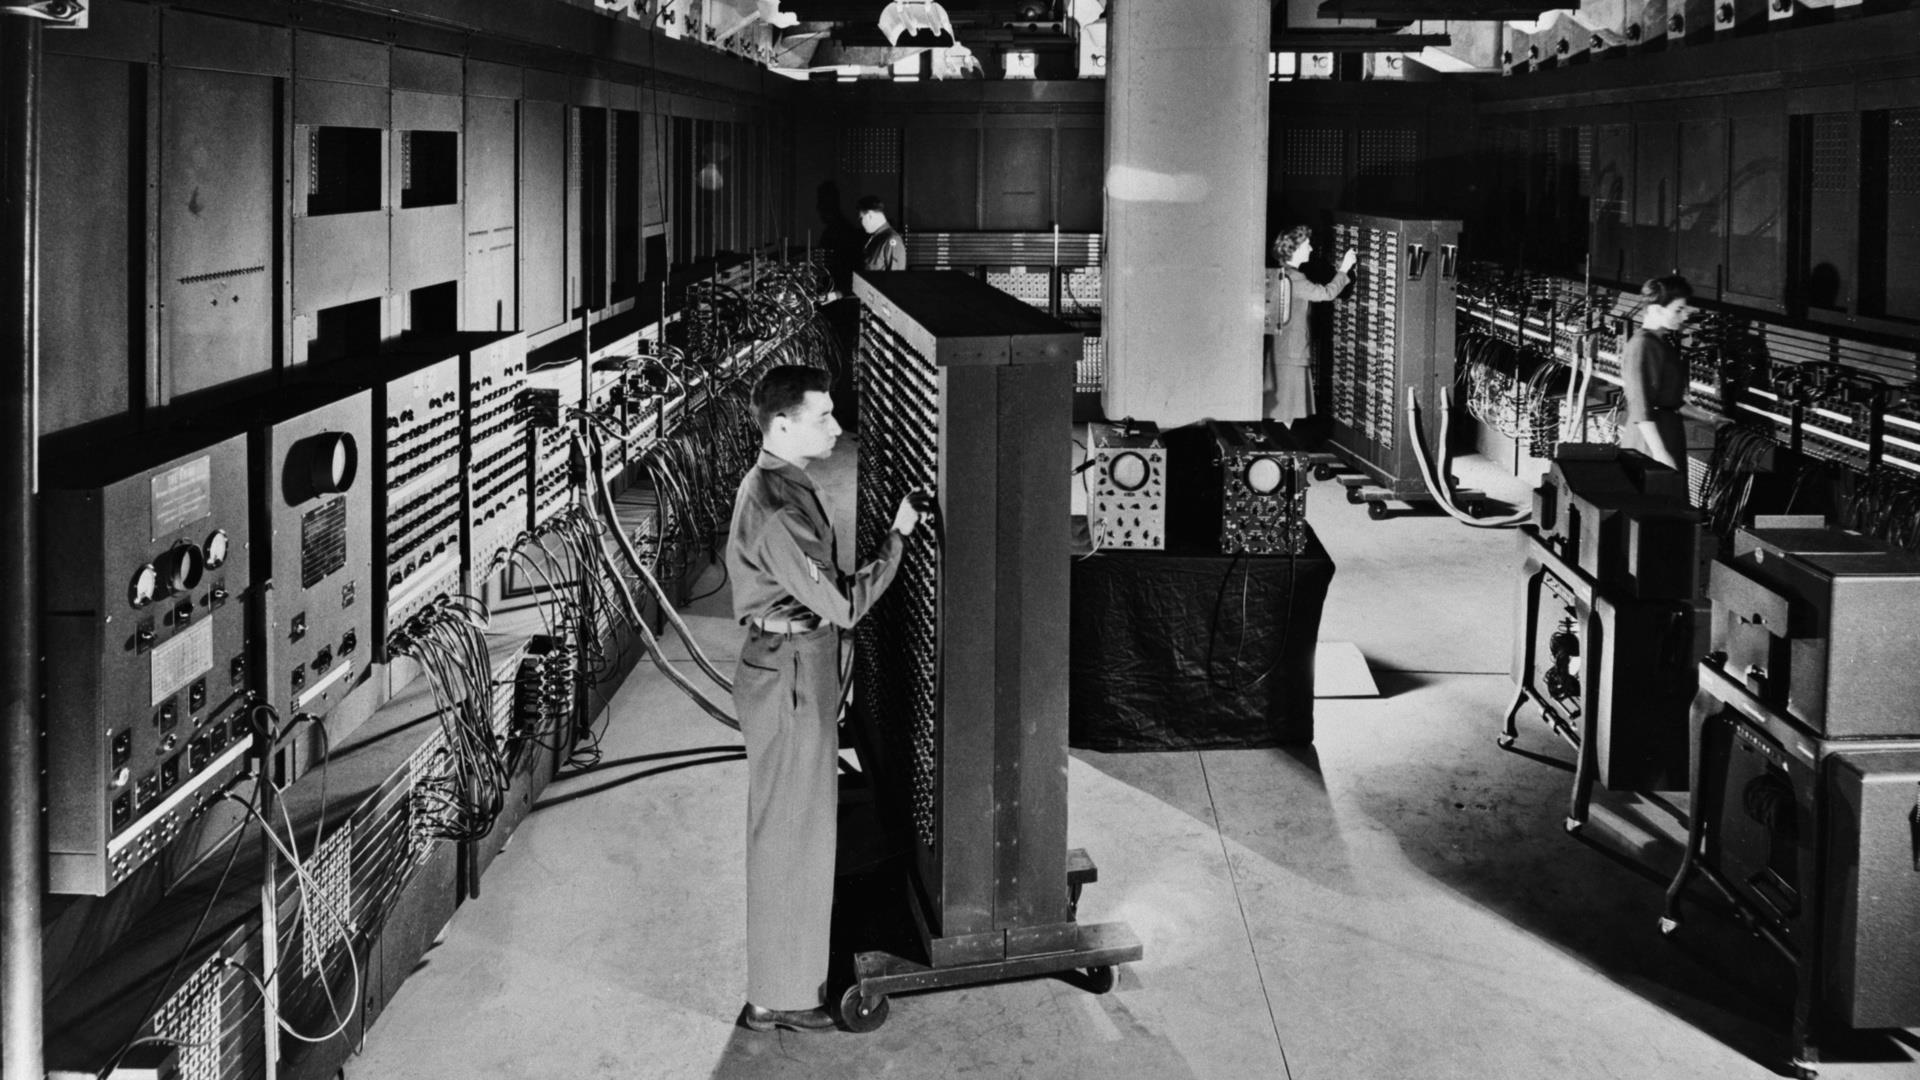 moshh2 1 - Самые быстрые суперкомпьютеры мира